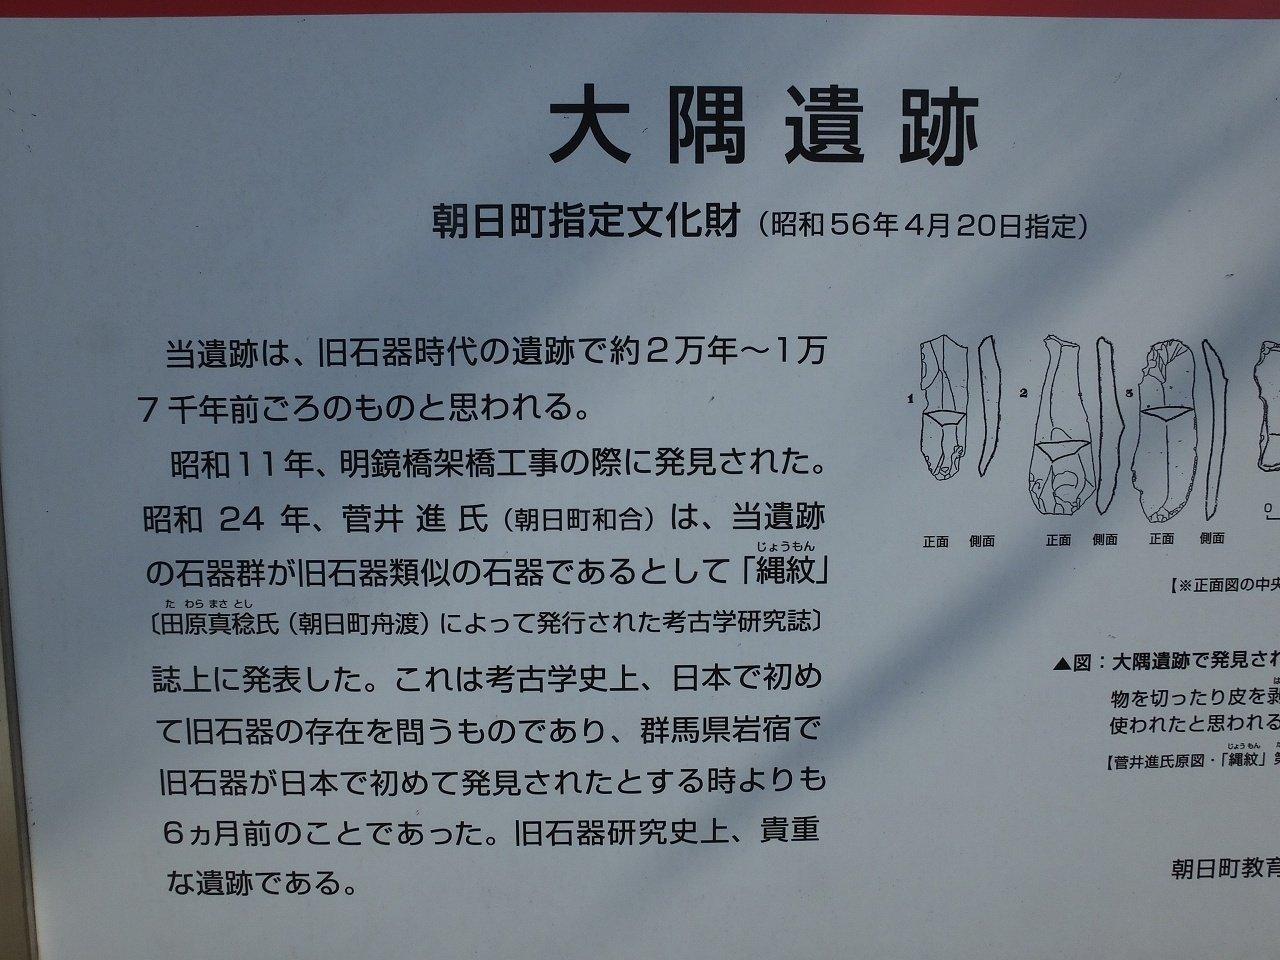 s-DSCF7939 - コピー